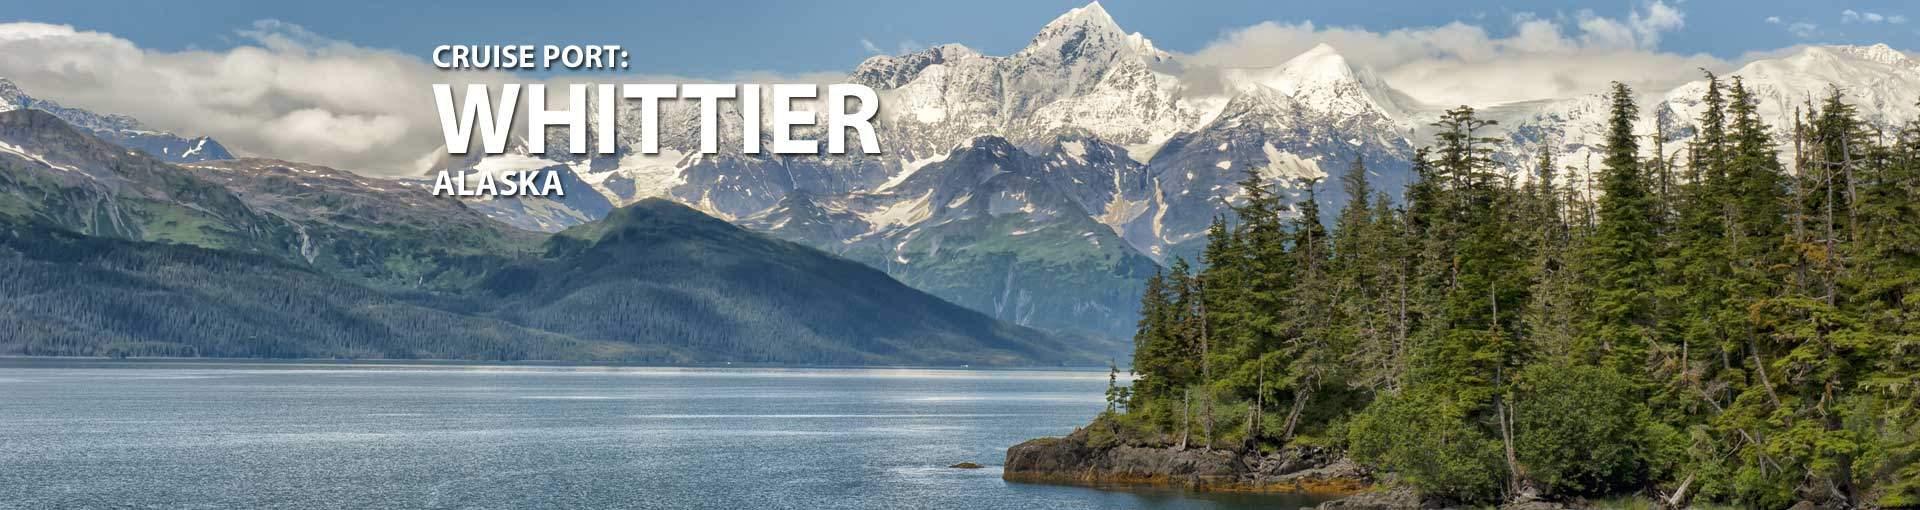 Cruises to Whittier, Alaska